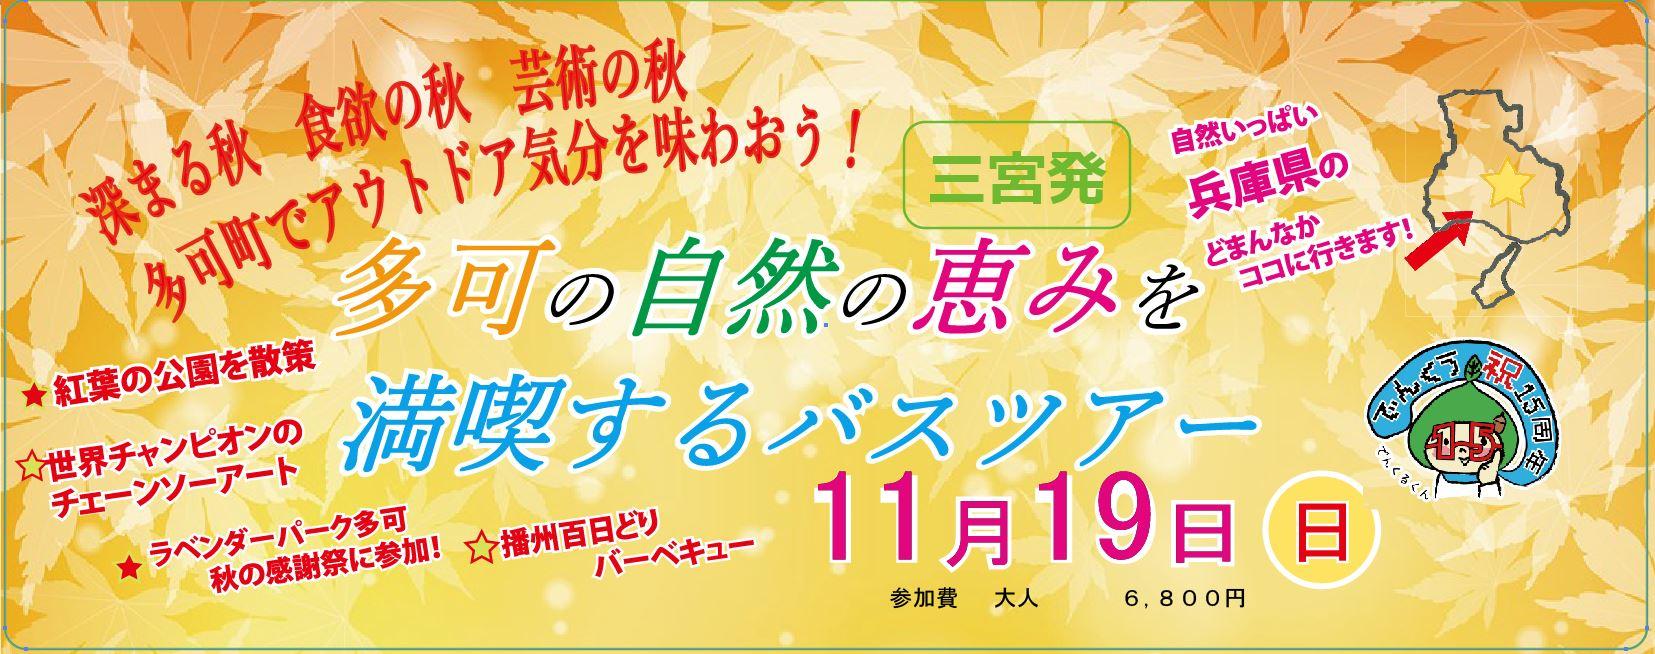 11/19 三宮発バスツアー「多可の自然の恵みを満喫するツアー」(9/22)